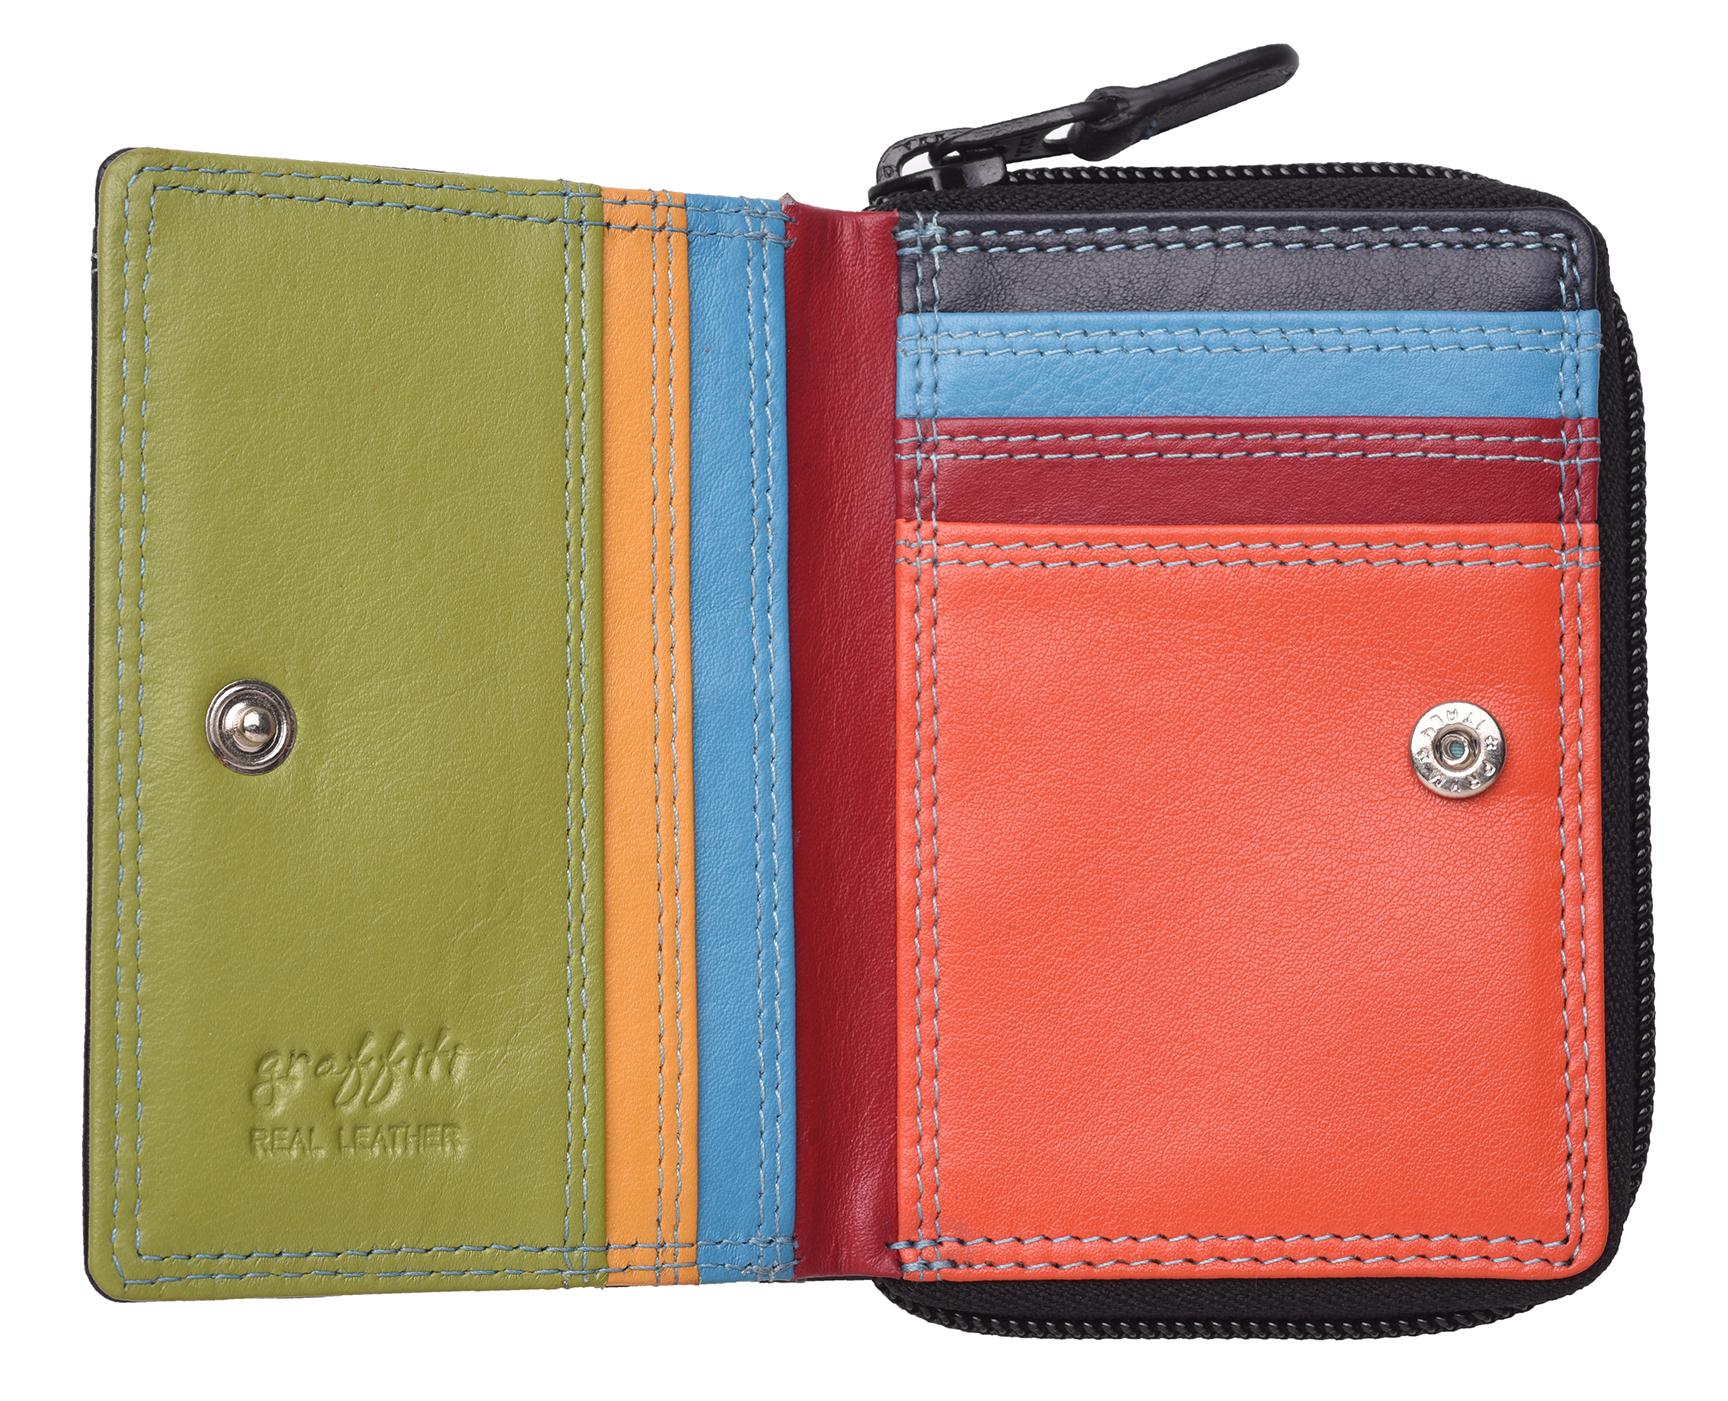 Femme-Femmes-RFID-Bloquant-en-Cuir-Veritable-Petit-Sac-a-main-portefeuille-vert-rose-rouge miniature 14